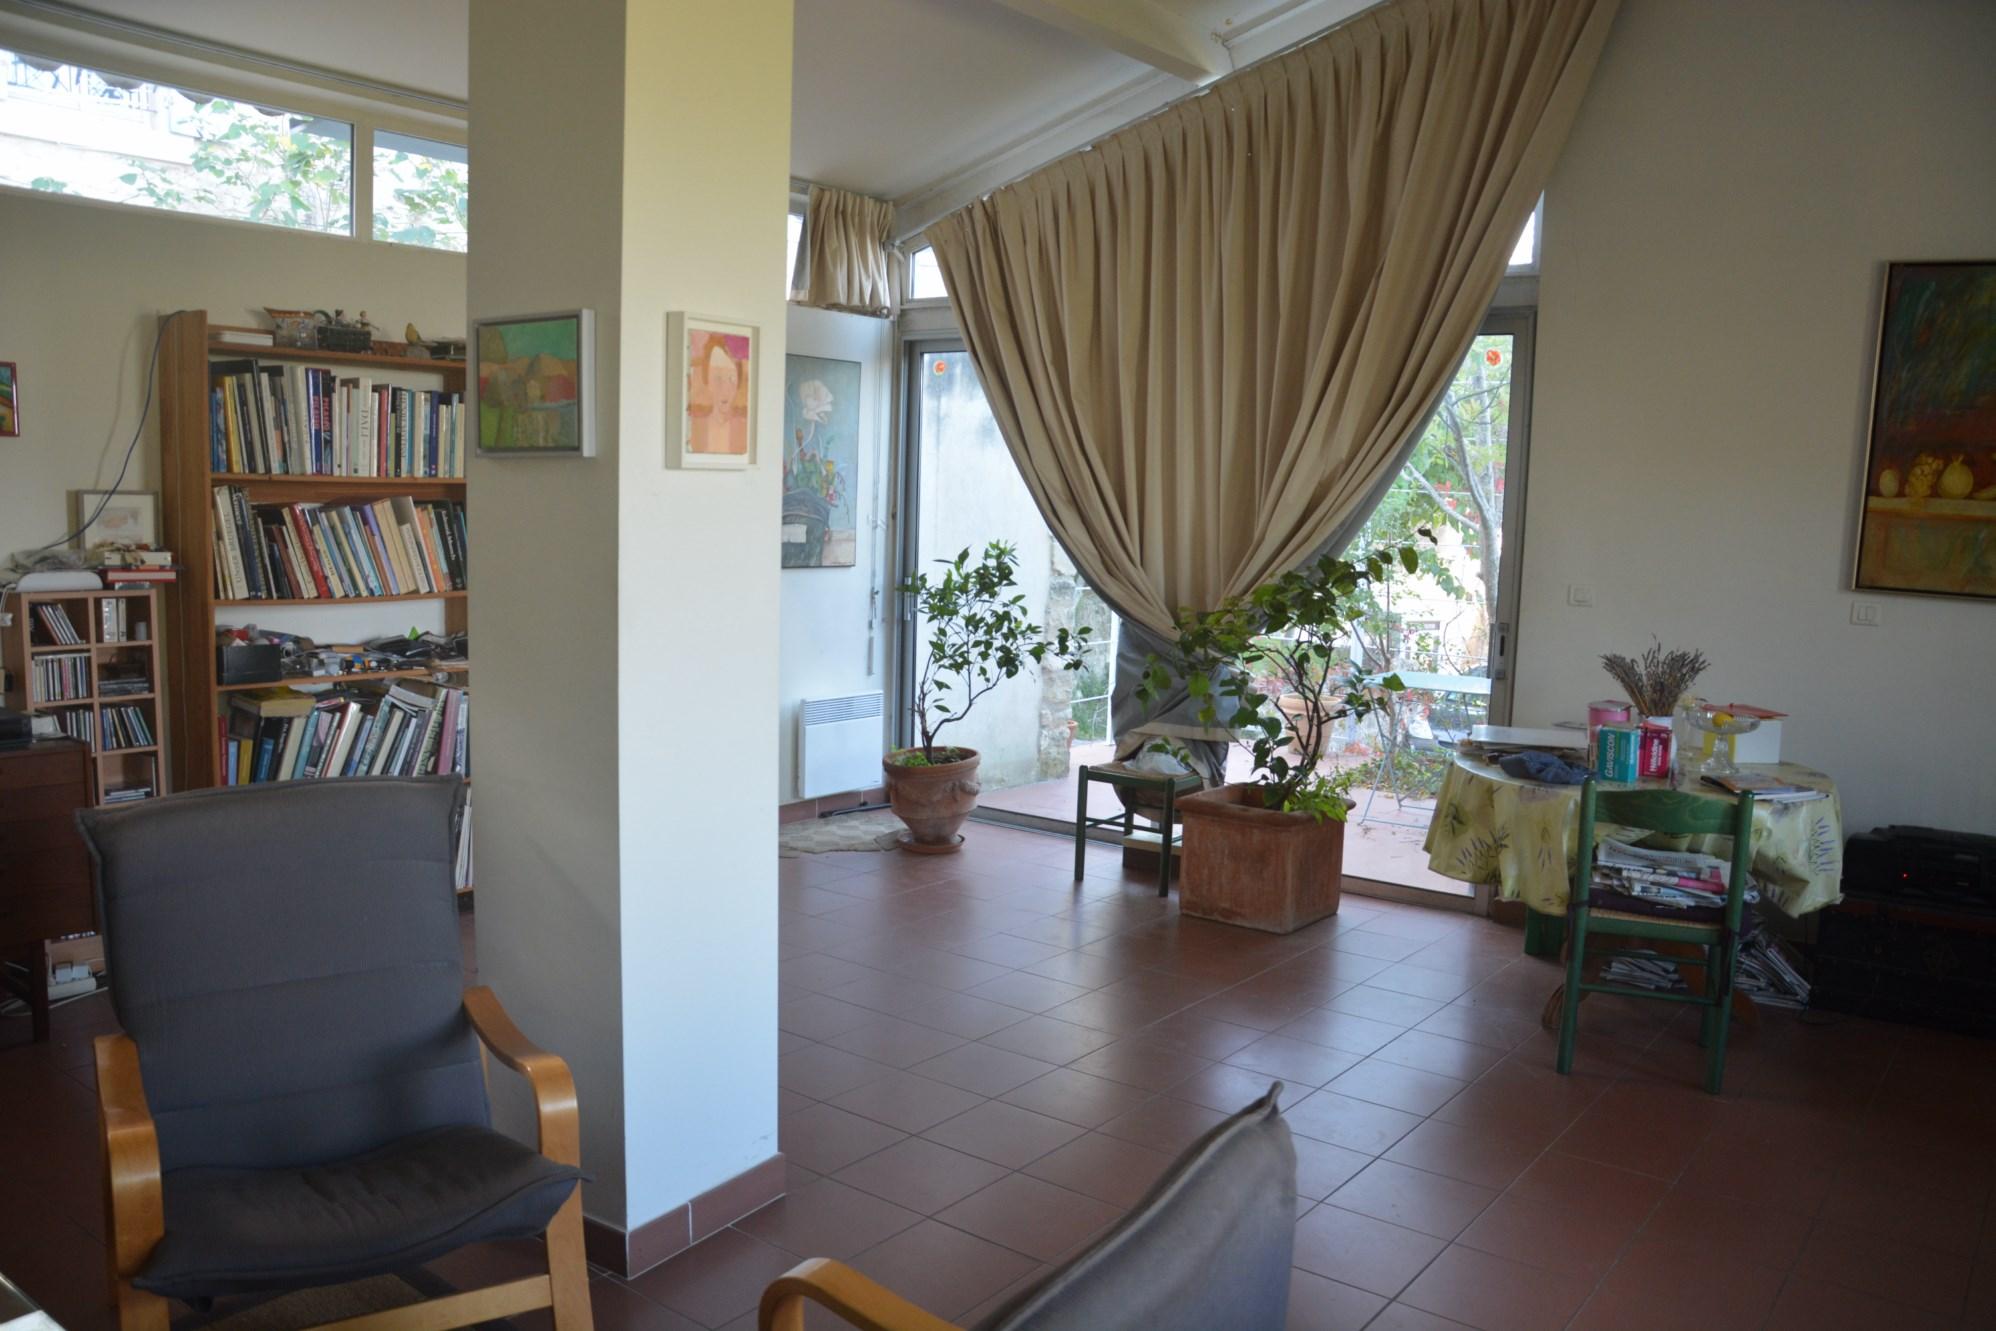 Intérieur de cette maison en viager occupé en Vaucluse